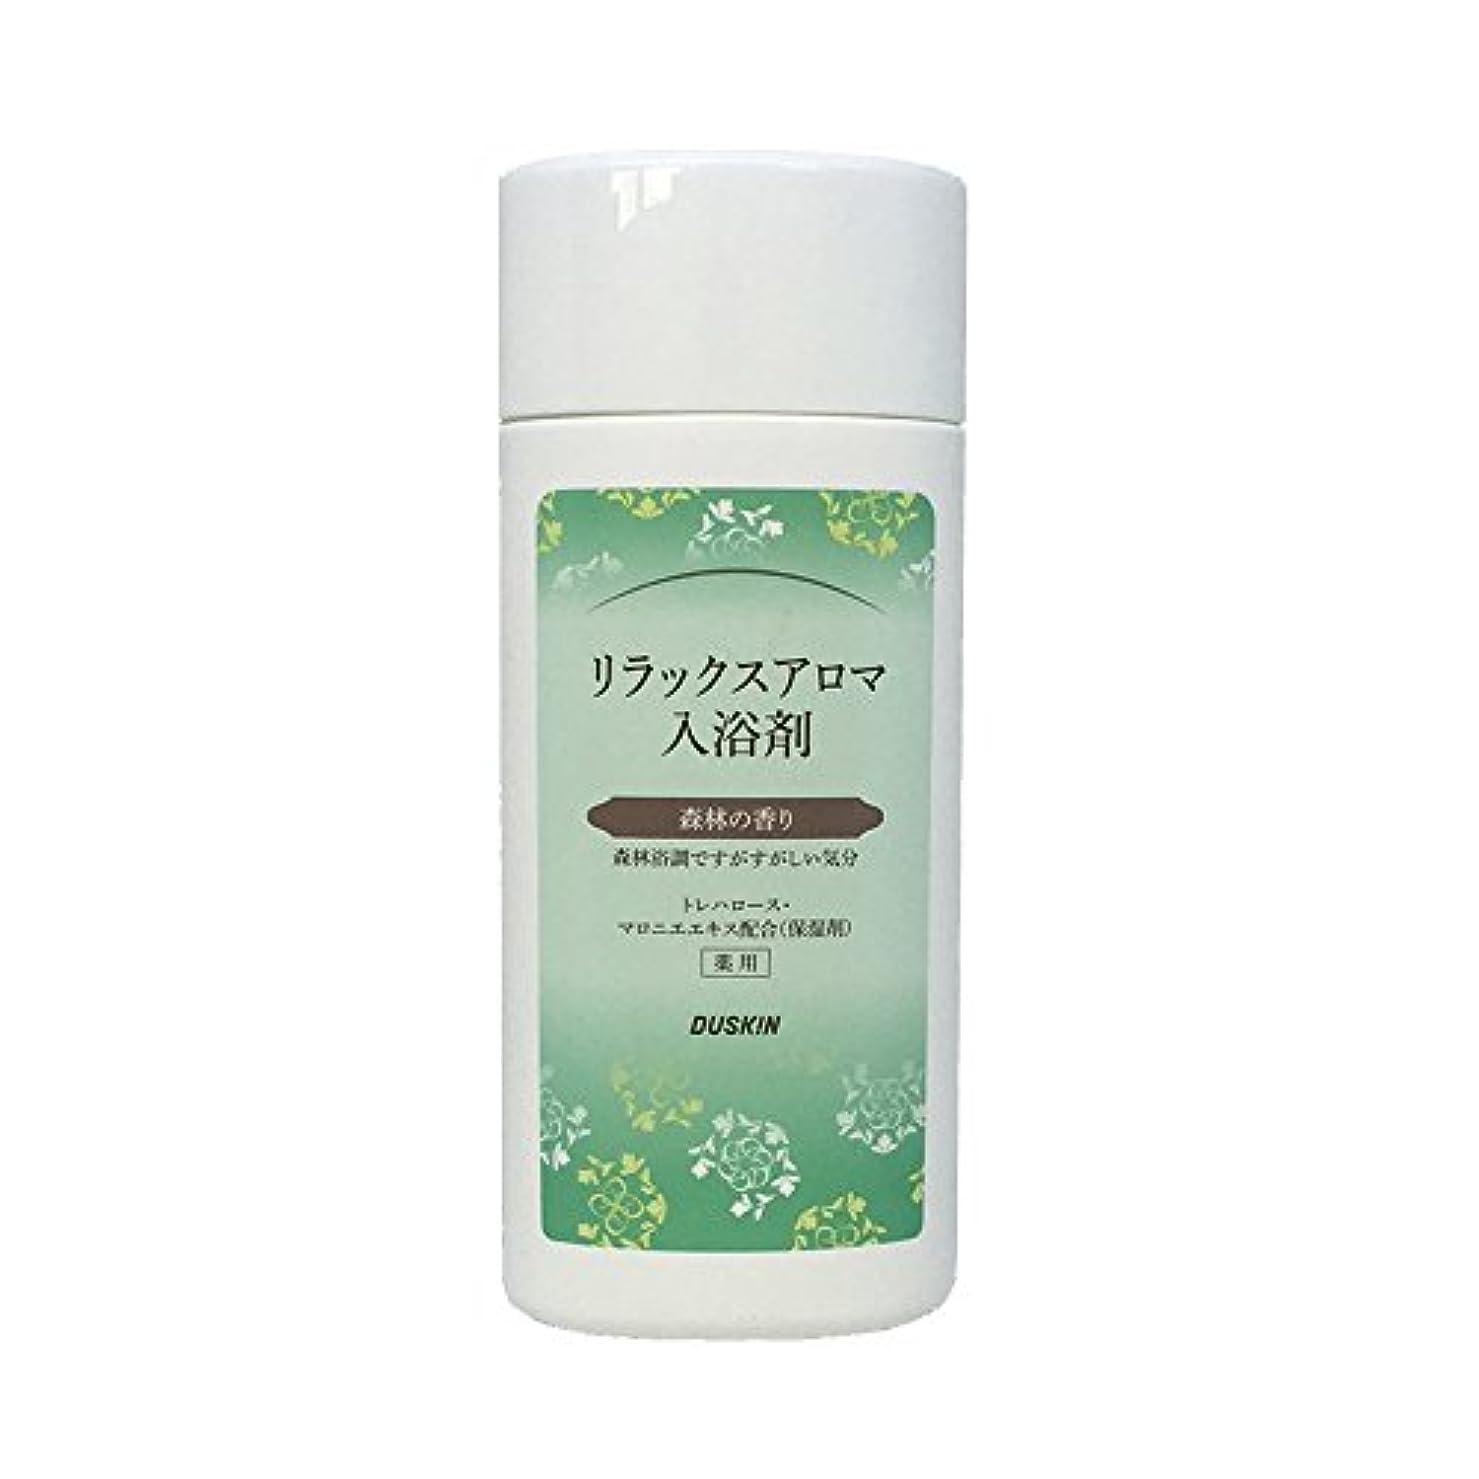 ご注意テキストジャンプダスキン リラックスアロマ入浴剤 森林の香り 濁り湯タイプ300g